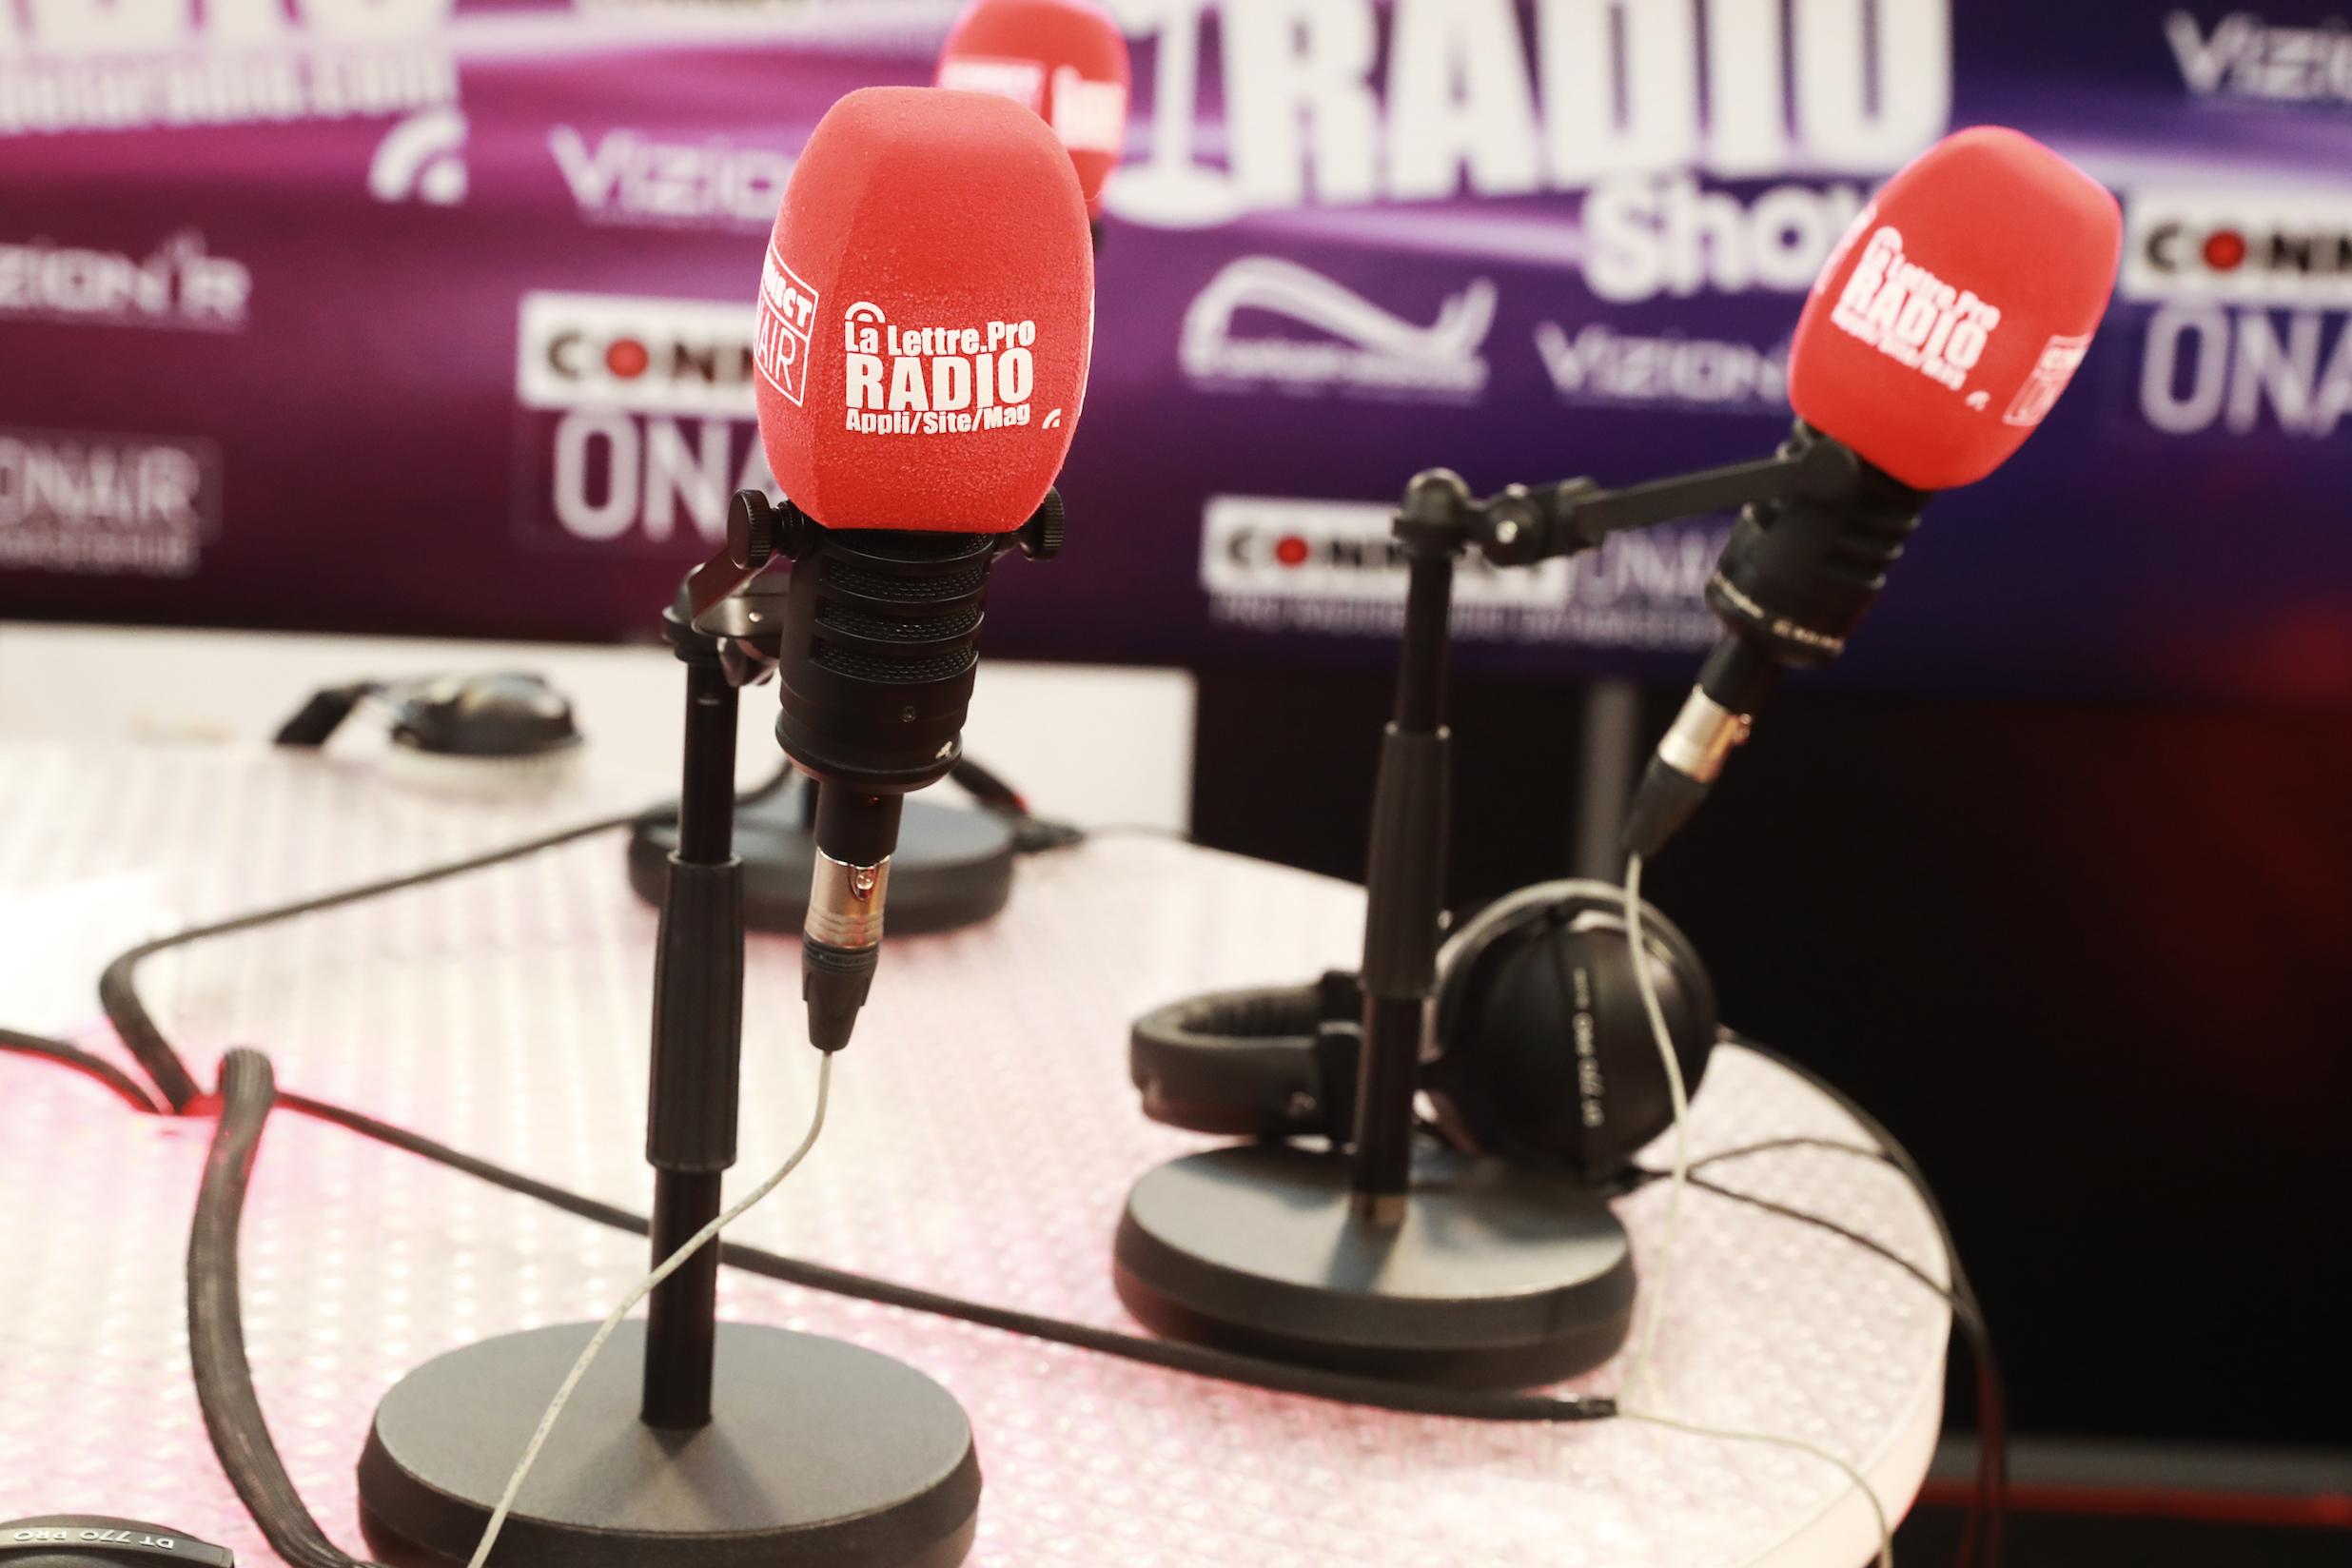 Appli, site, Mag... C'est La Lettre Pro de la Radio ! © Linda Viksna / La Lettre Pro de la Radio